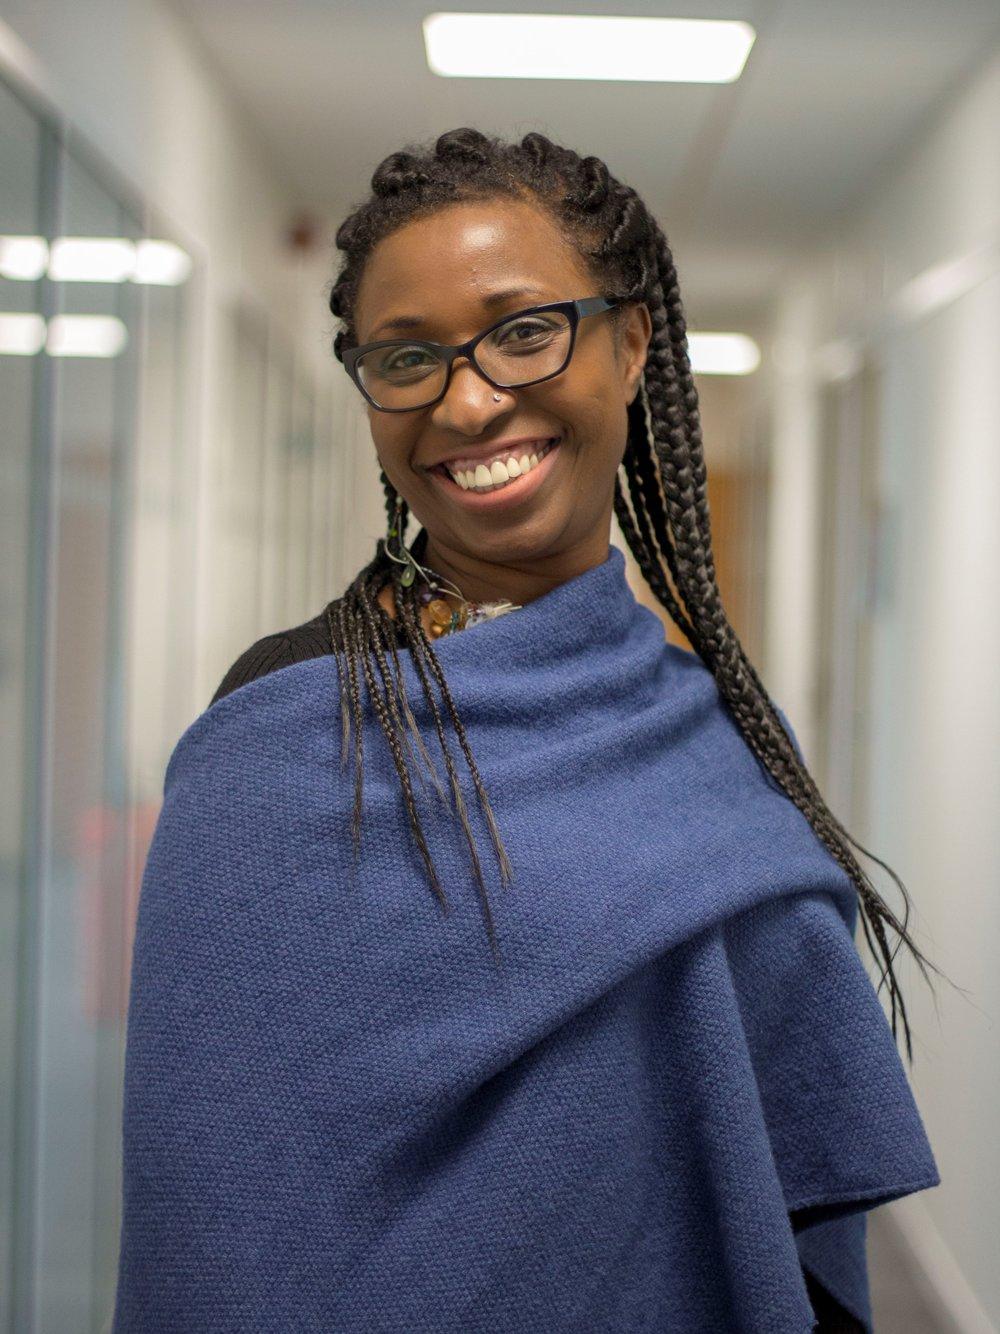 Saida Ali - Living in: Nairobi, KenyaNationality: Kenyan